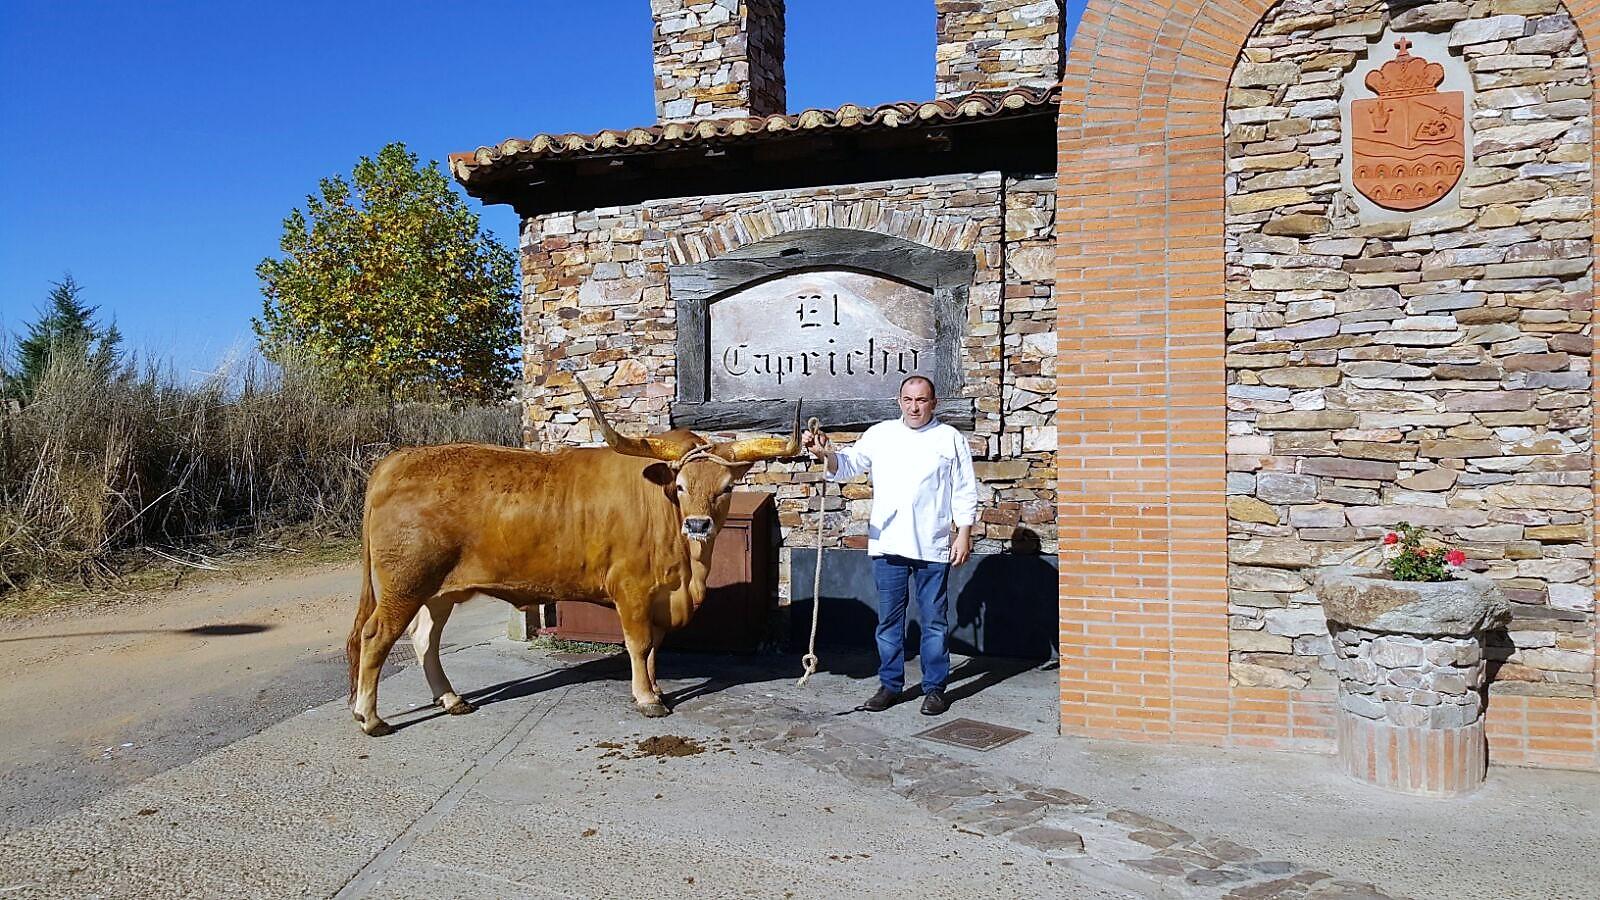 Nogueira suministra carne de buey a un restaurante considerado el mejor del mundo, El Capricho